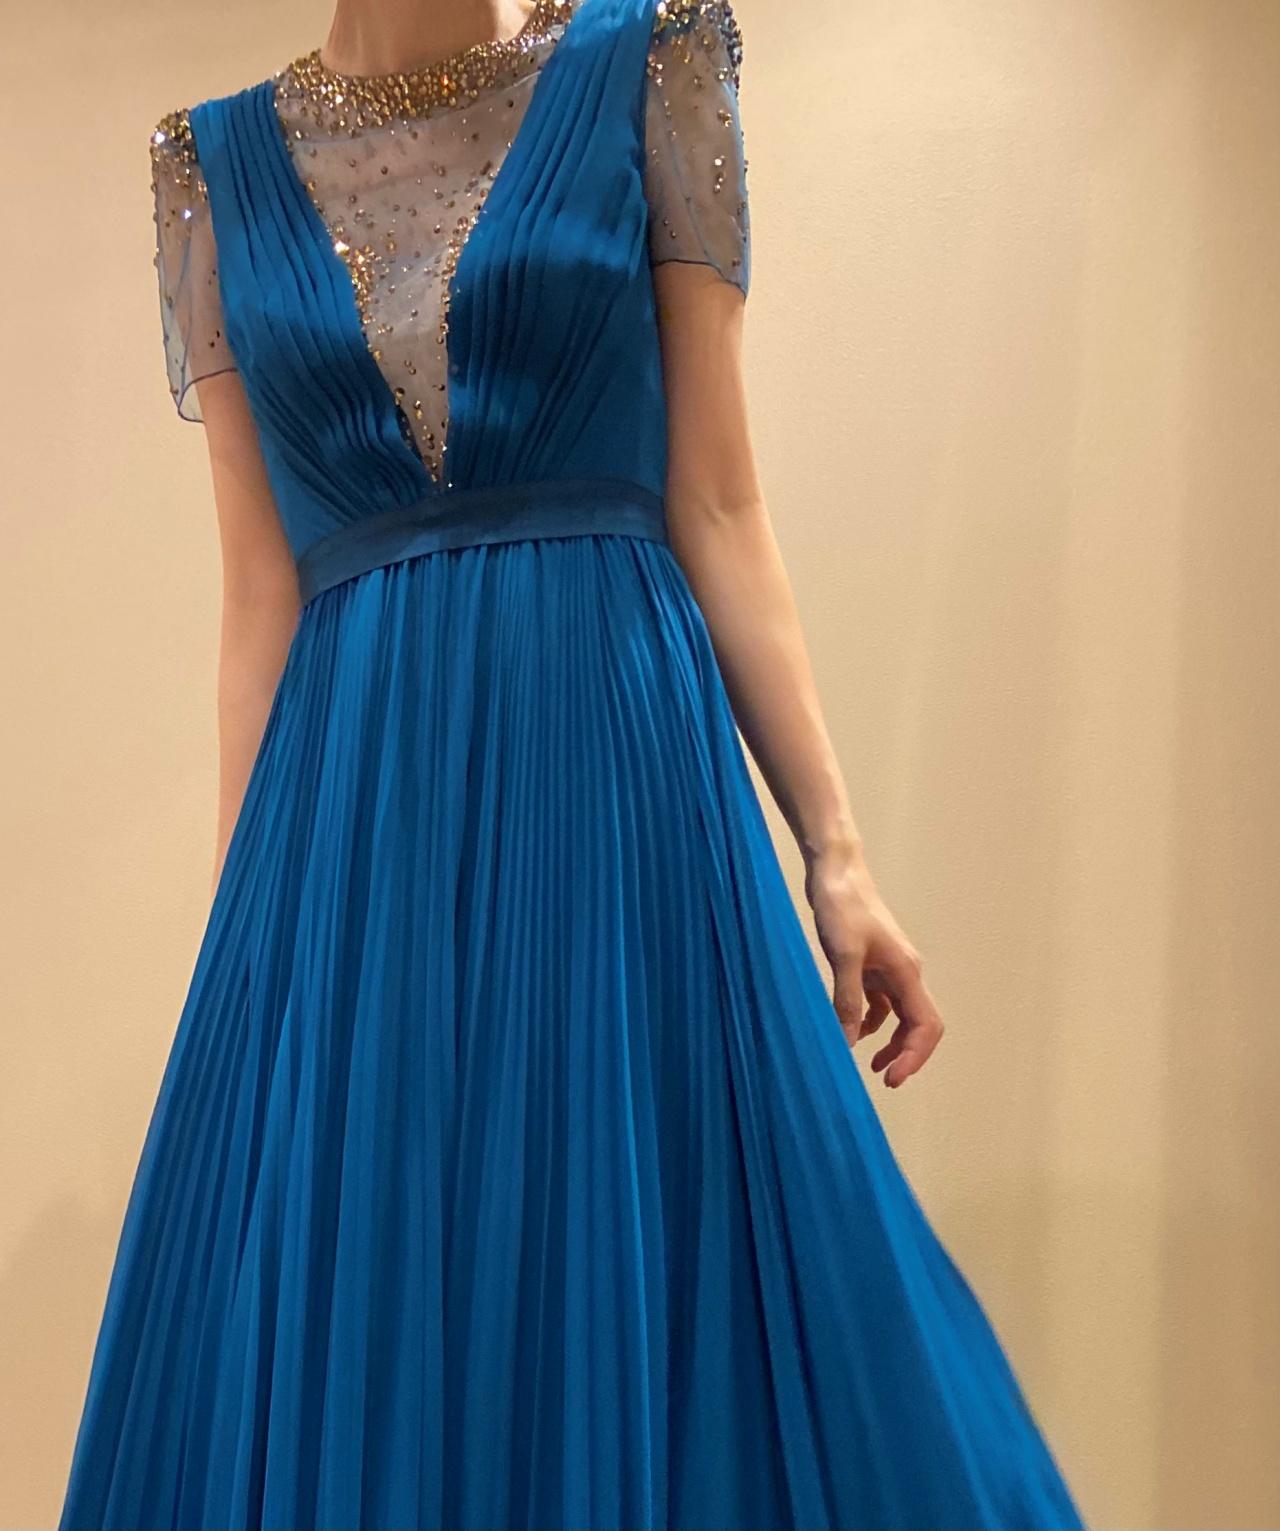 細身のAラインのカラードレスは動きの多いお色直しのシーンにピッタリ